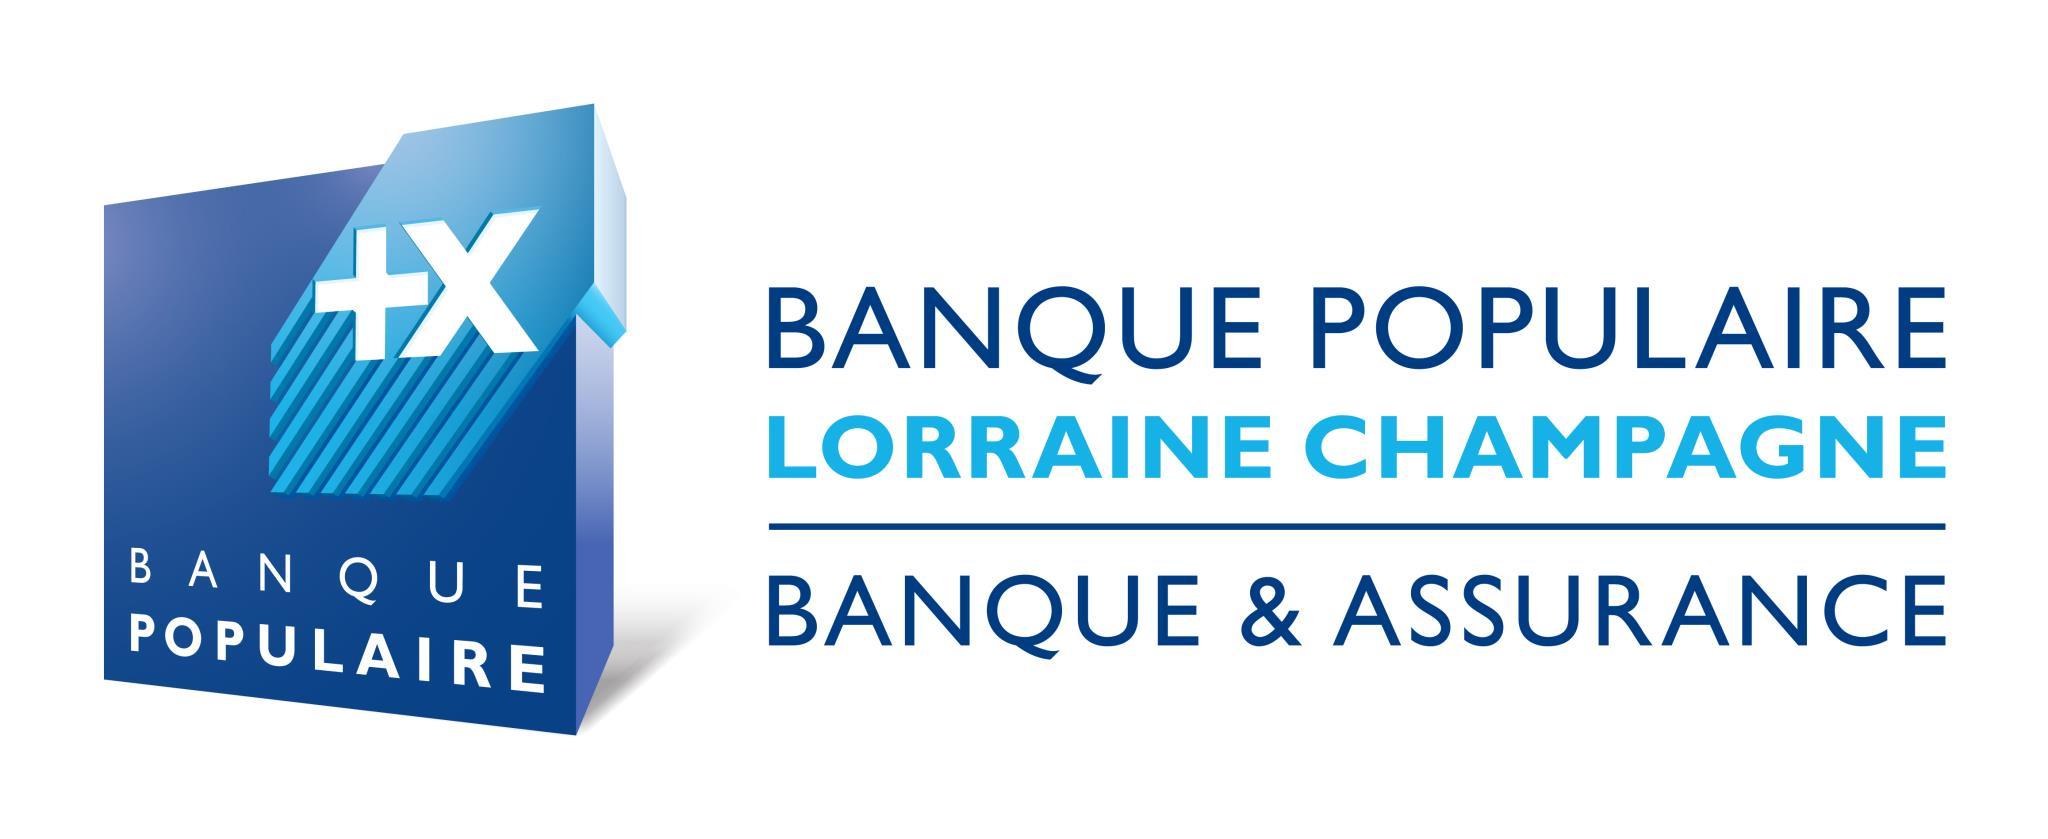 Banco Populaire Lorraine Champagne